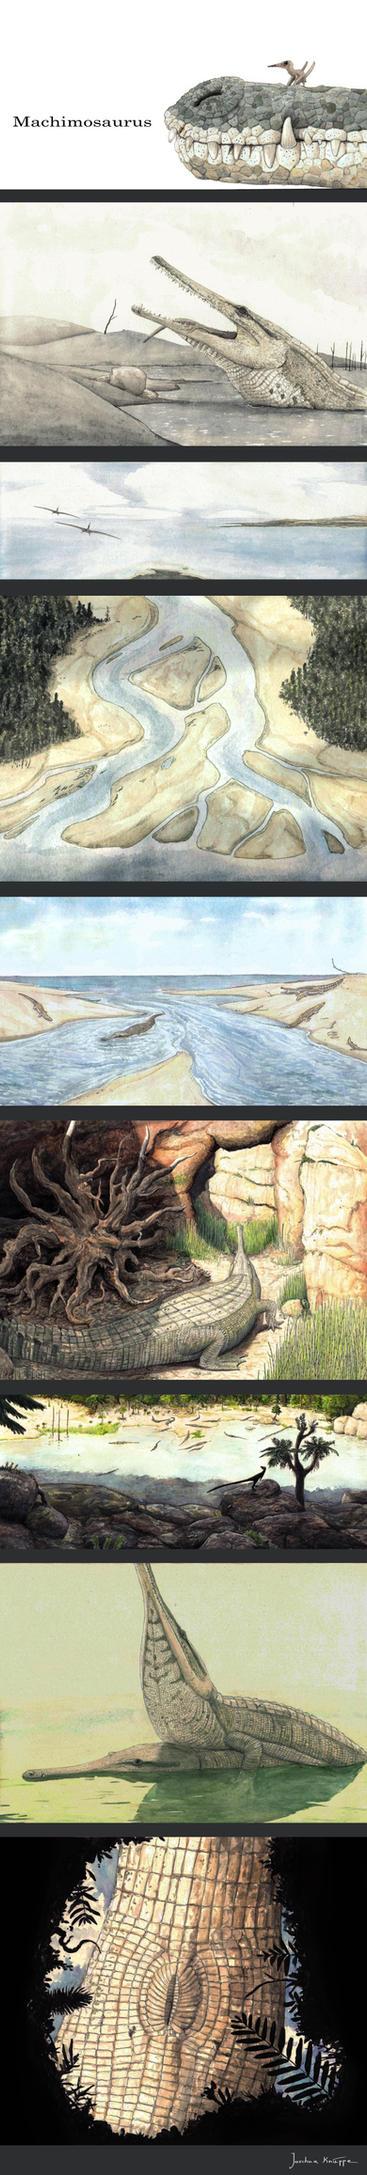 Machimosaurus cycle by Hyrotrioskjan